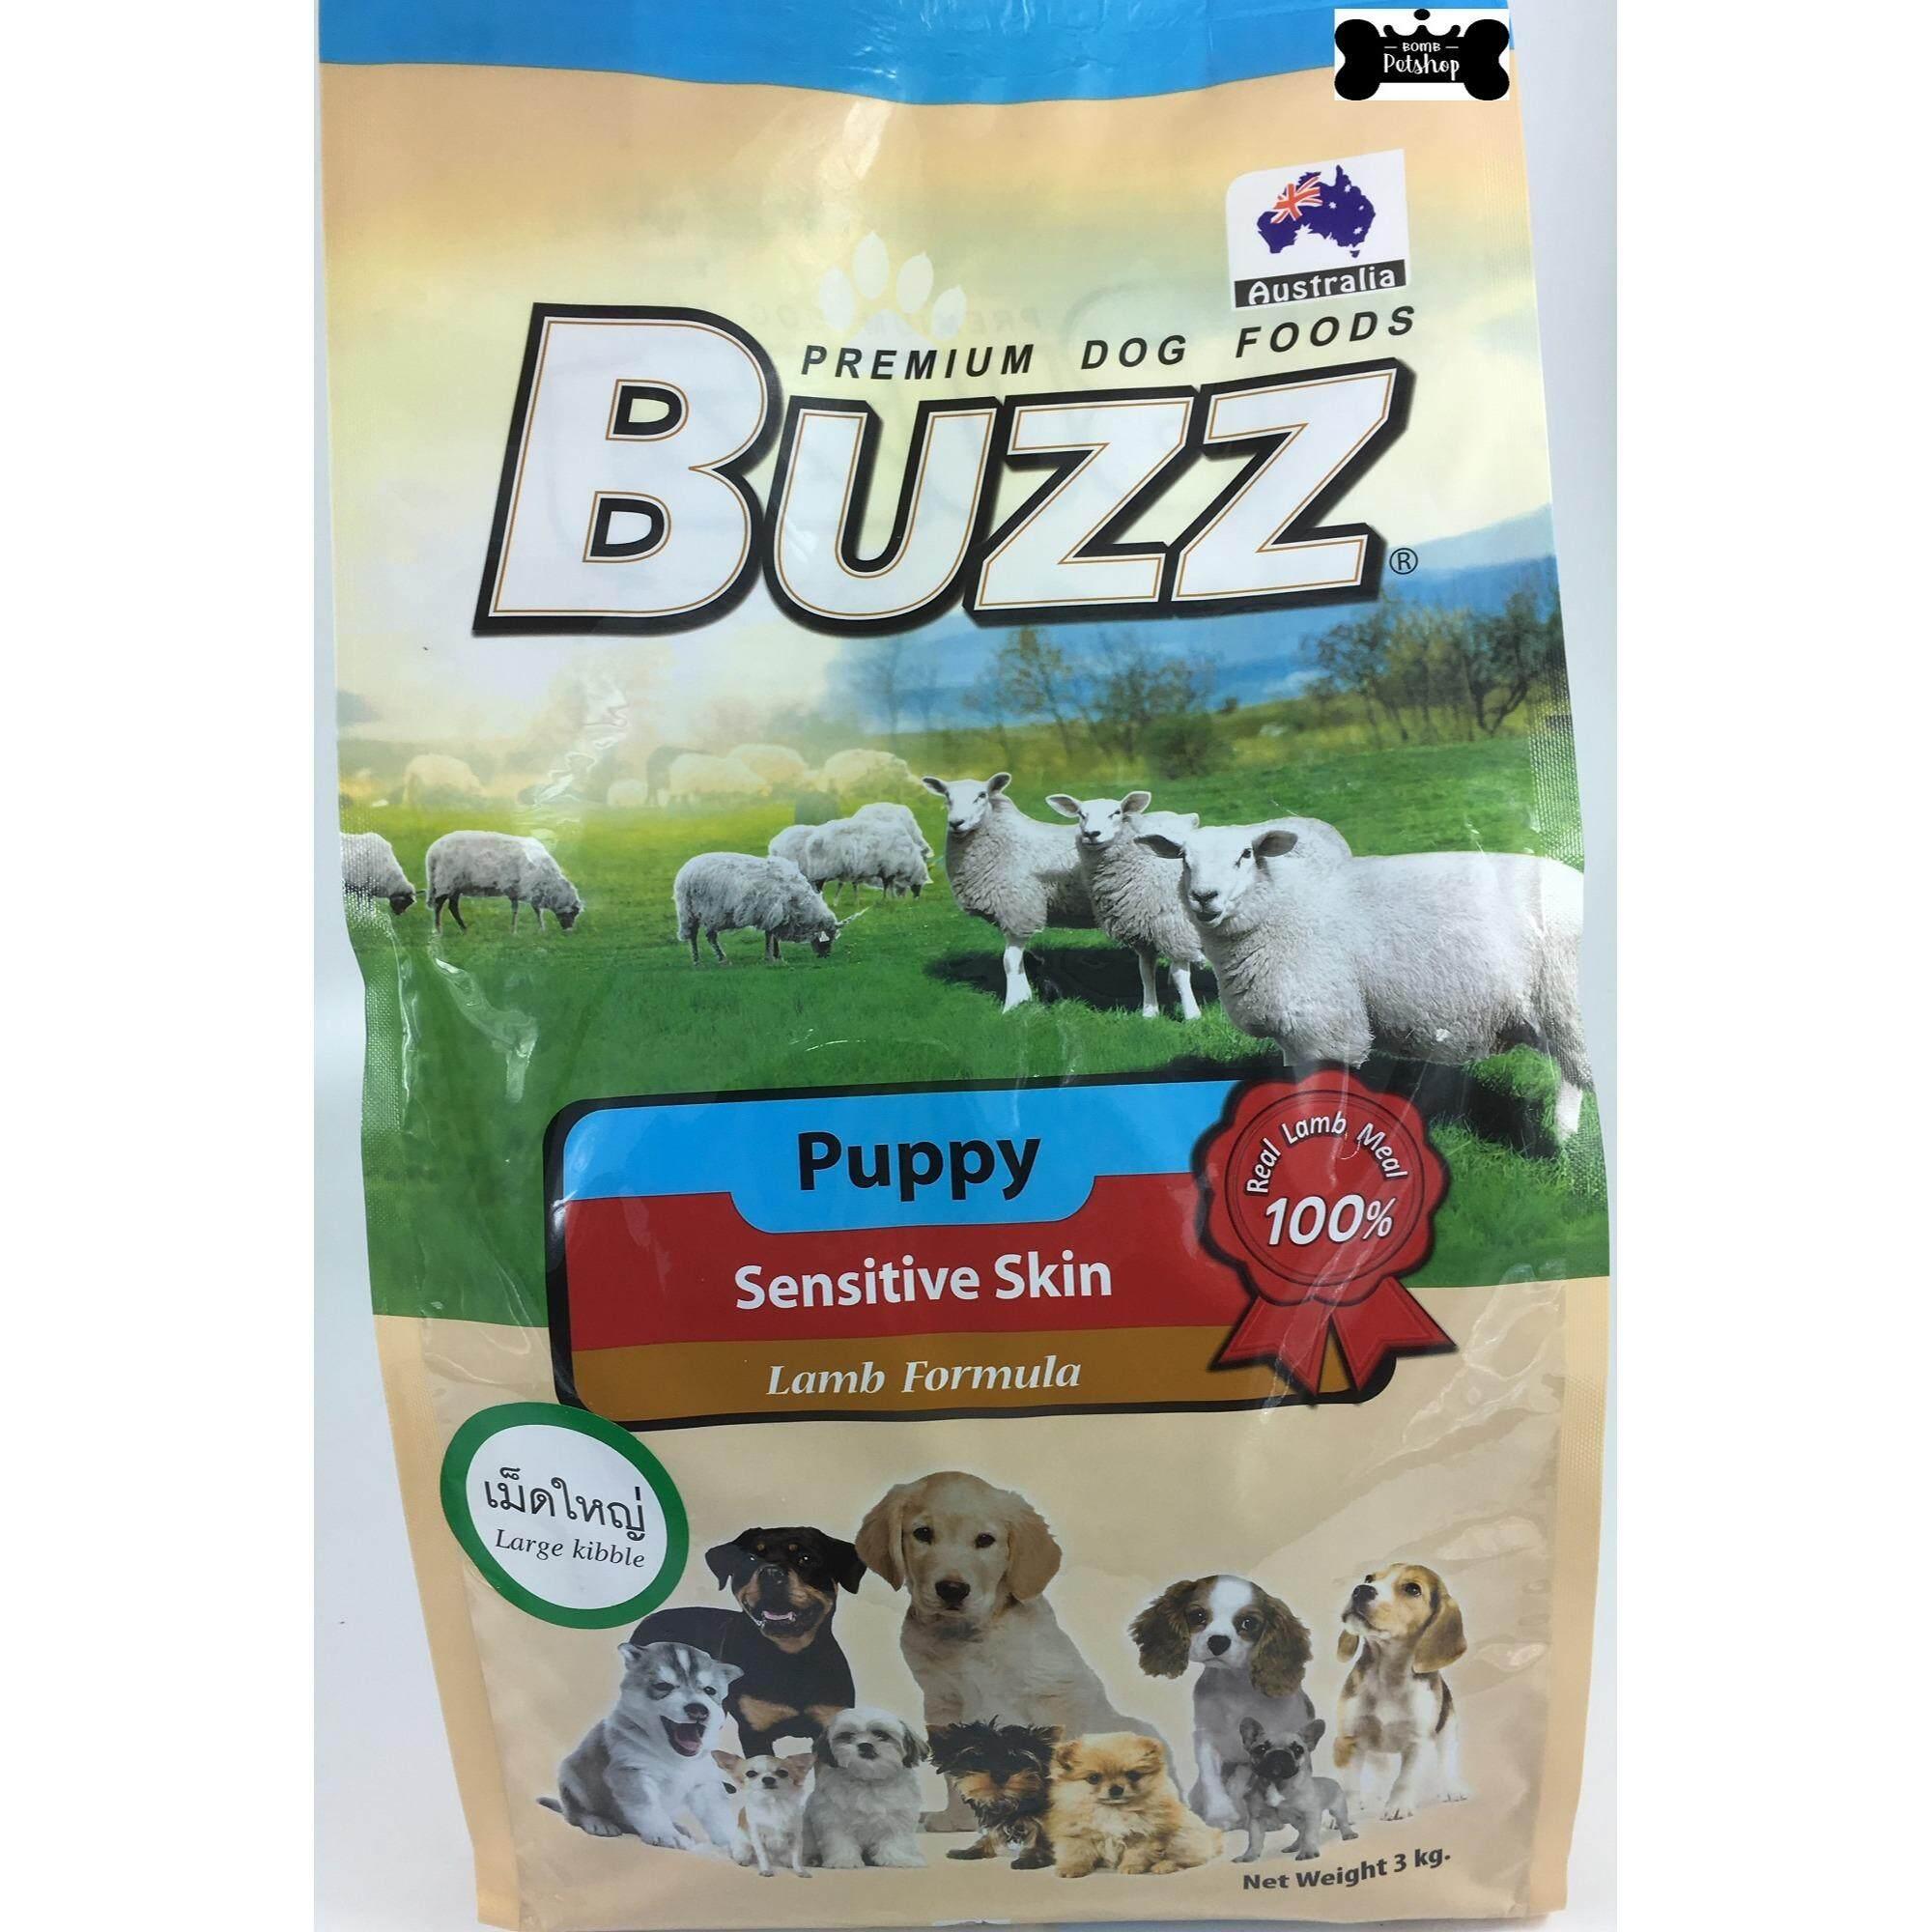 ราคา Buzz Puppy Lamb Large Kibble ลูกสุนัข เนื้อแกะ เม็ดใหญ่ 3 กก Buzz เป็นต้นฉบับ